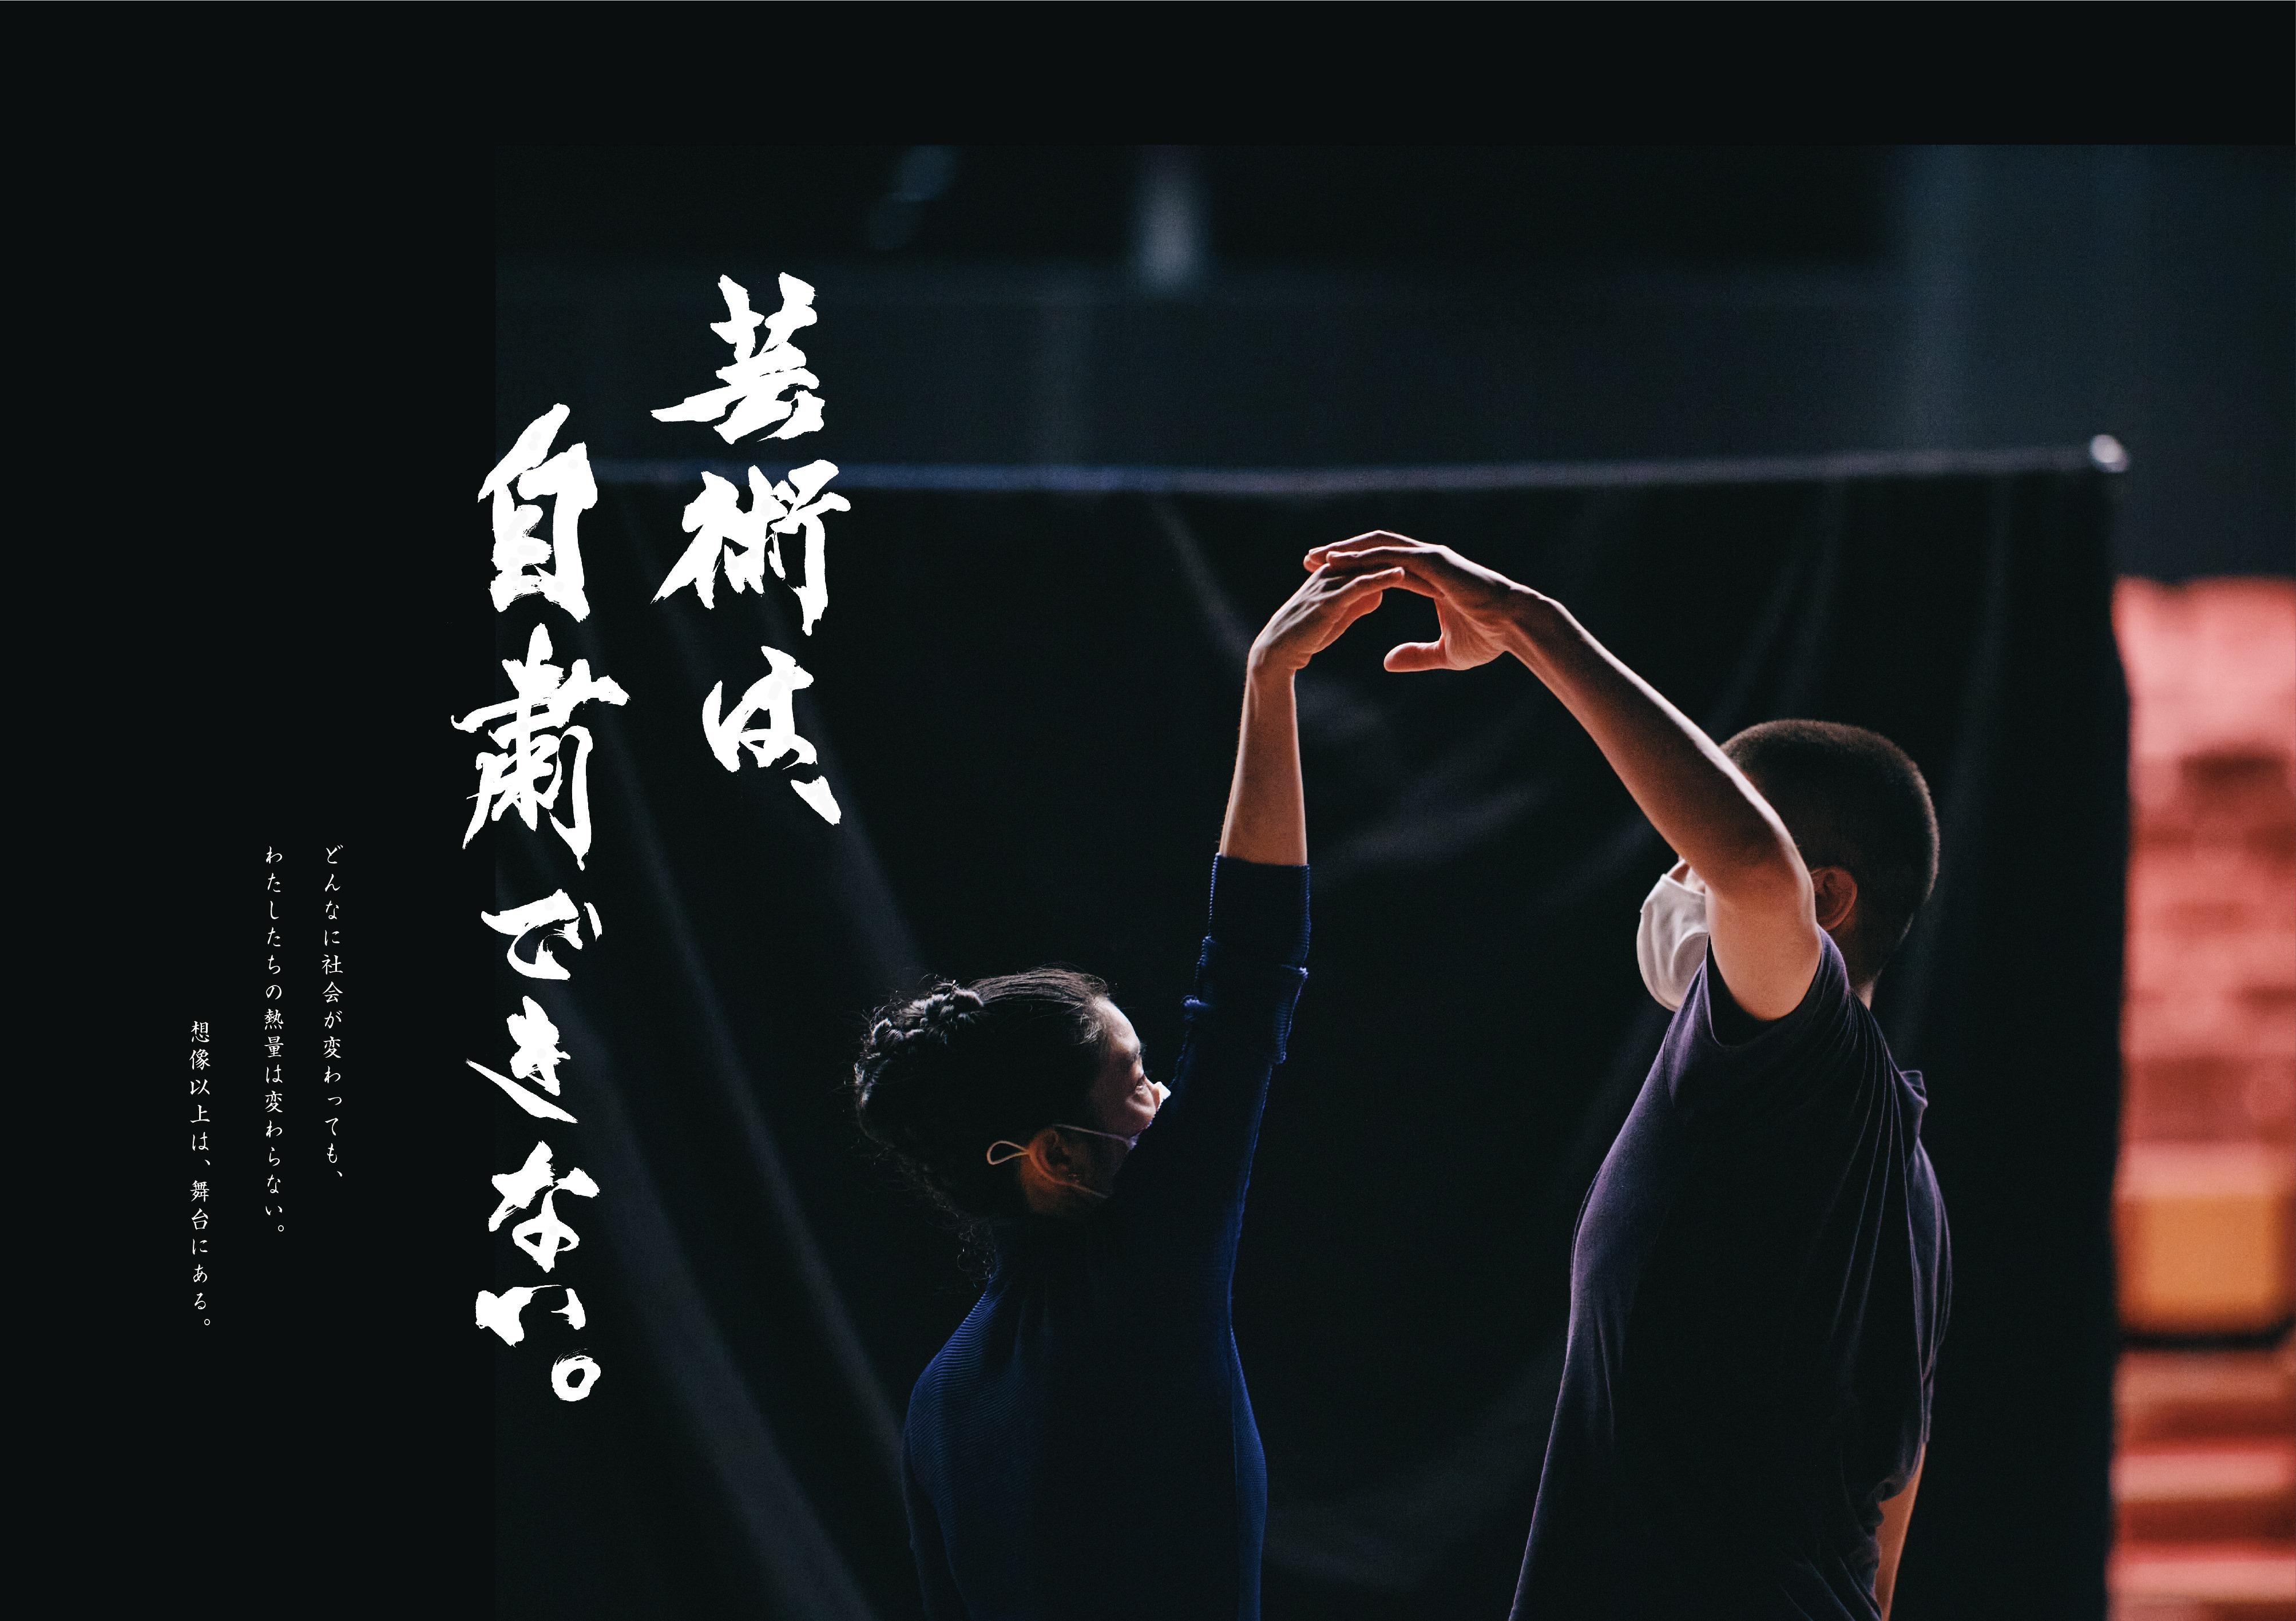 「芸術は、自粛できない。」舞台表現者の活動を応援するプロジェクトが発足!